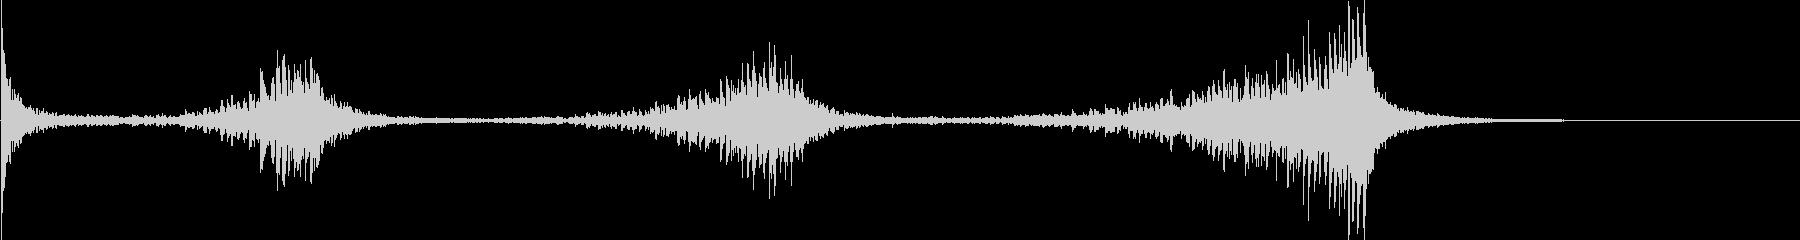 ティンパニ:アクセント付きロールEの未再生の波形